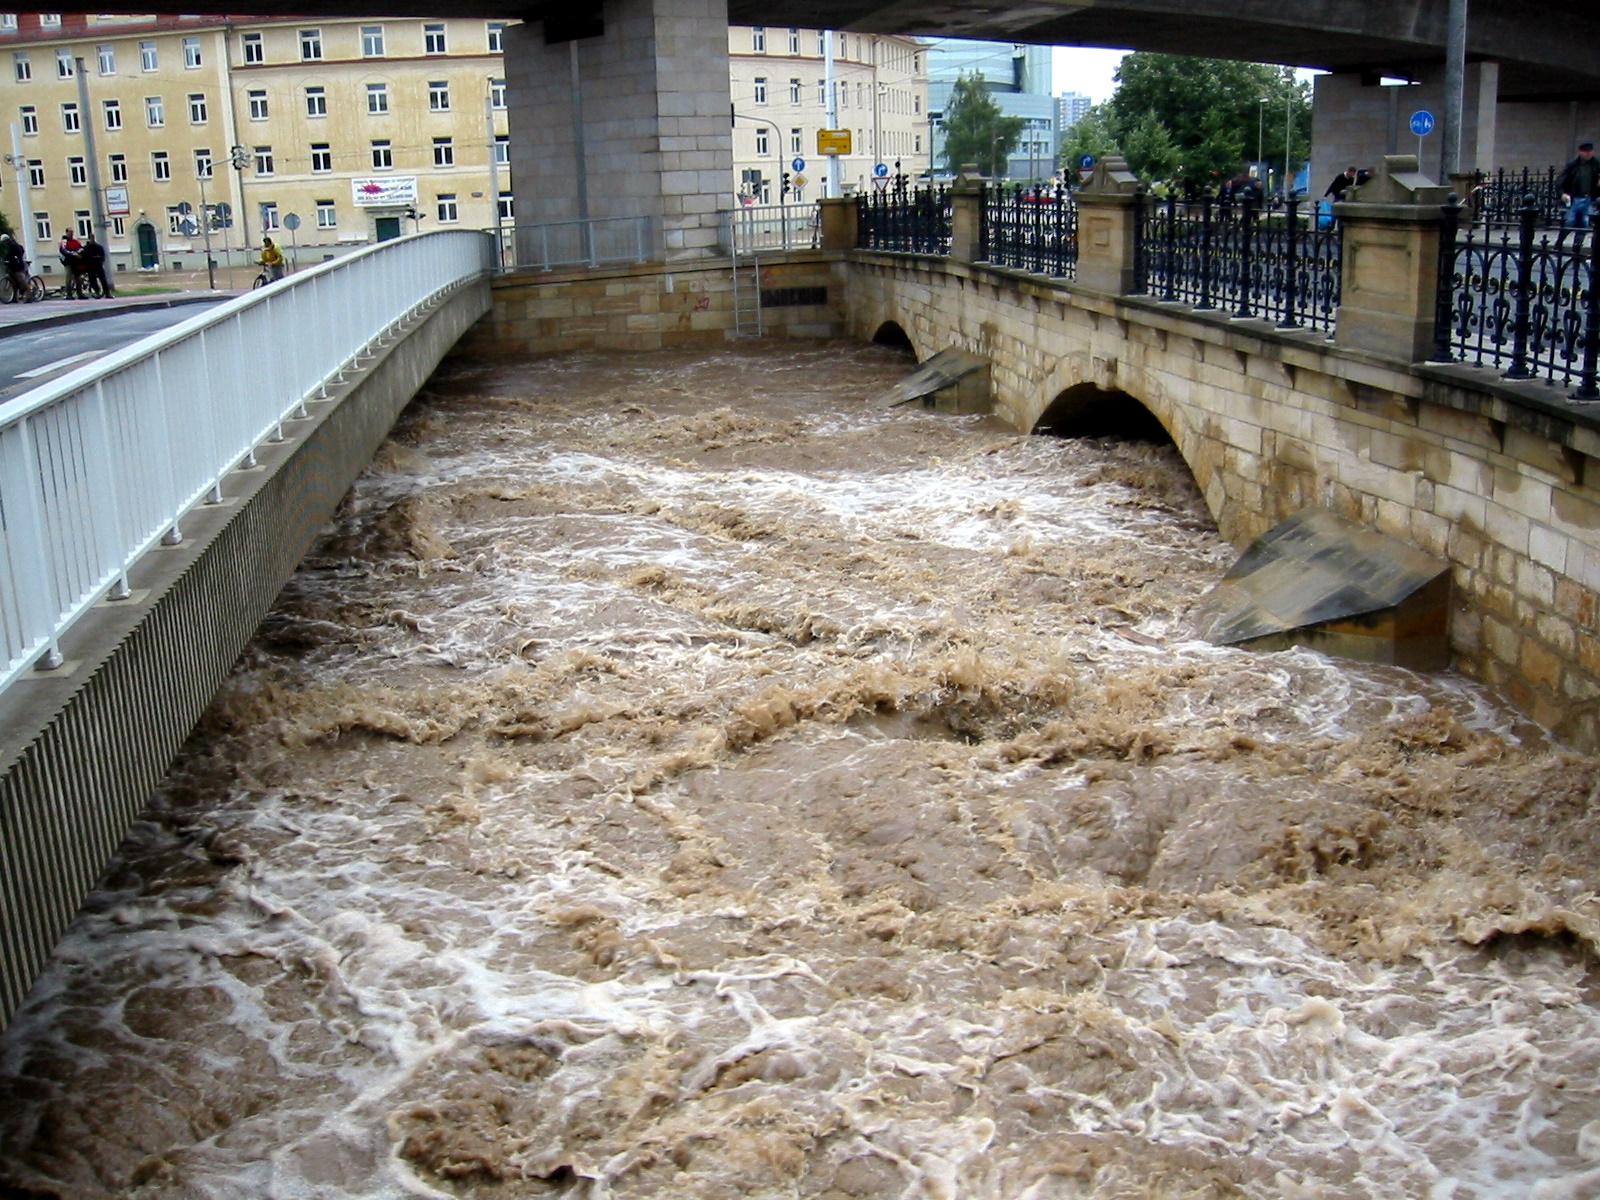 """Résultat de recherche d'images pour """"Überschwemmungen dresden 2002 weisseritz"""""""